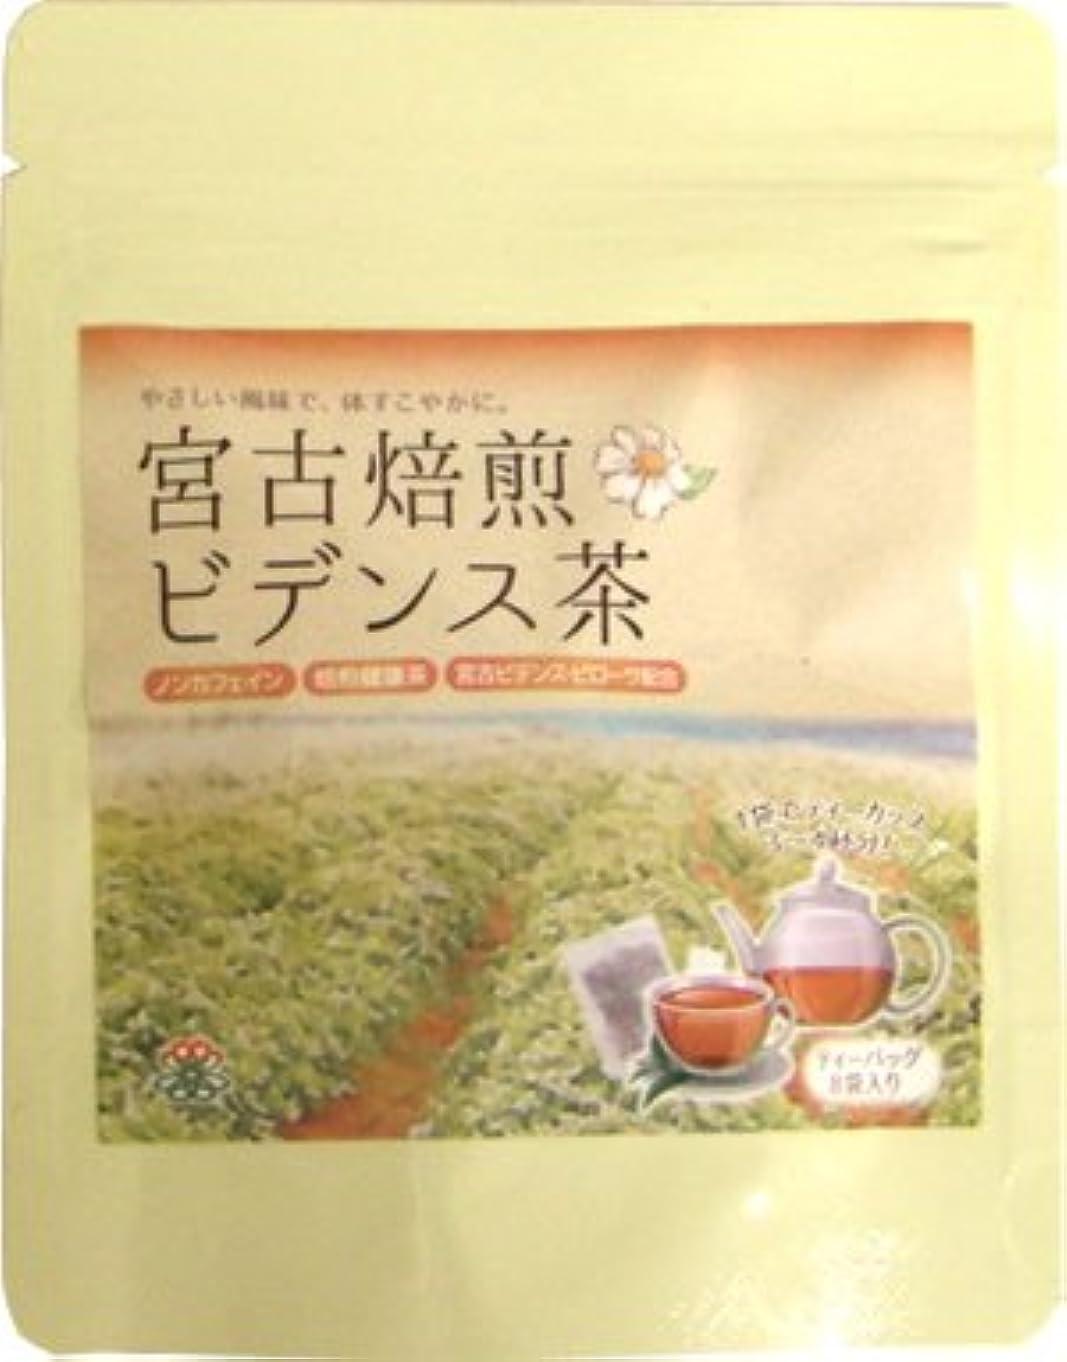 チップ支配するノミネート宮古焙煎ビデンス茶 2g×8袋入り